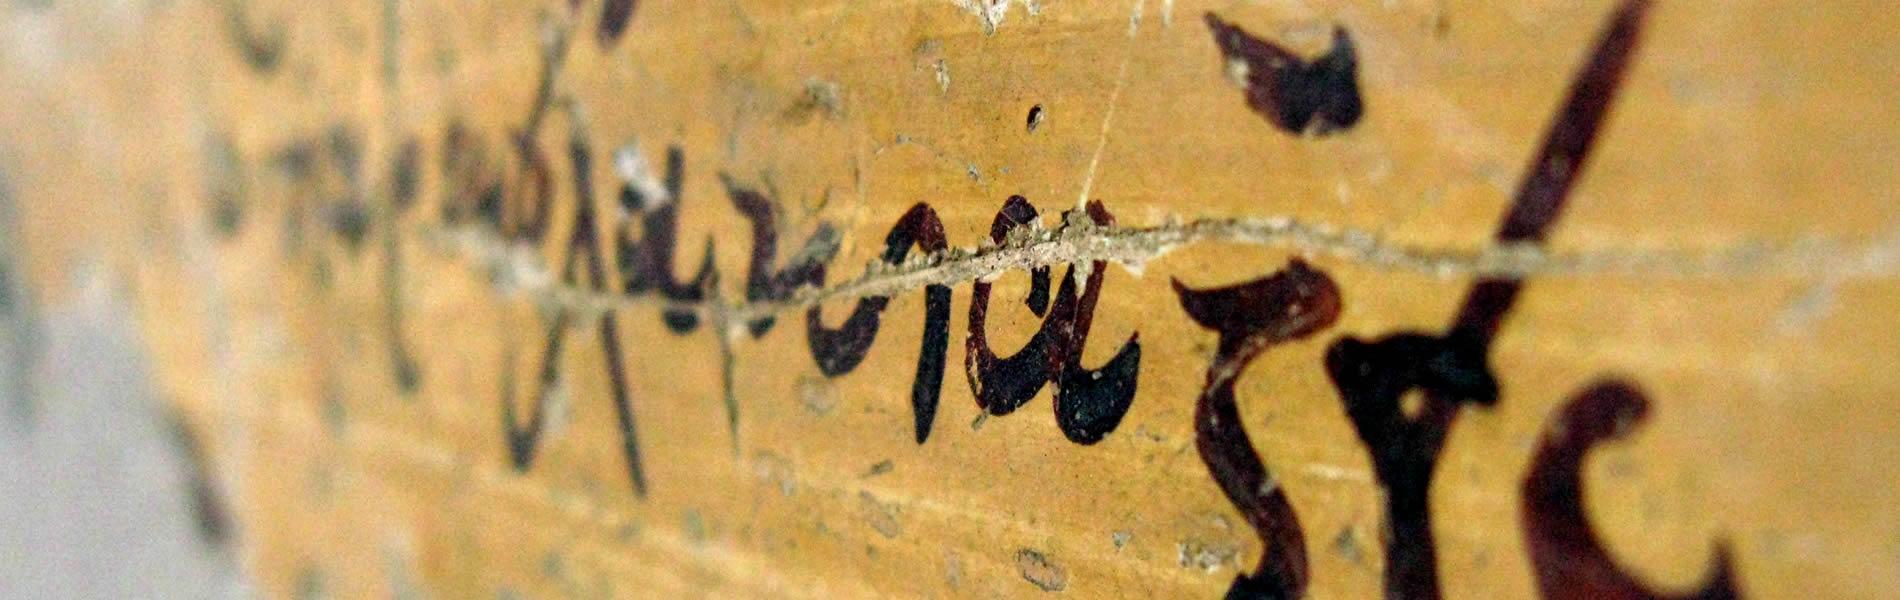 Βυζαντινή επιγραφή σε εκκλησία στα Ζαγοροχώρια